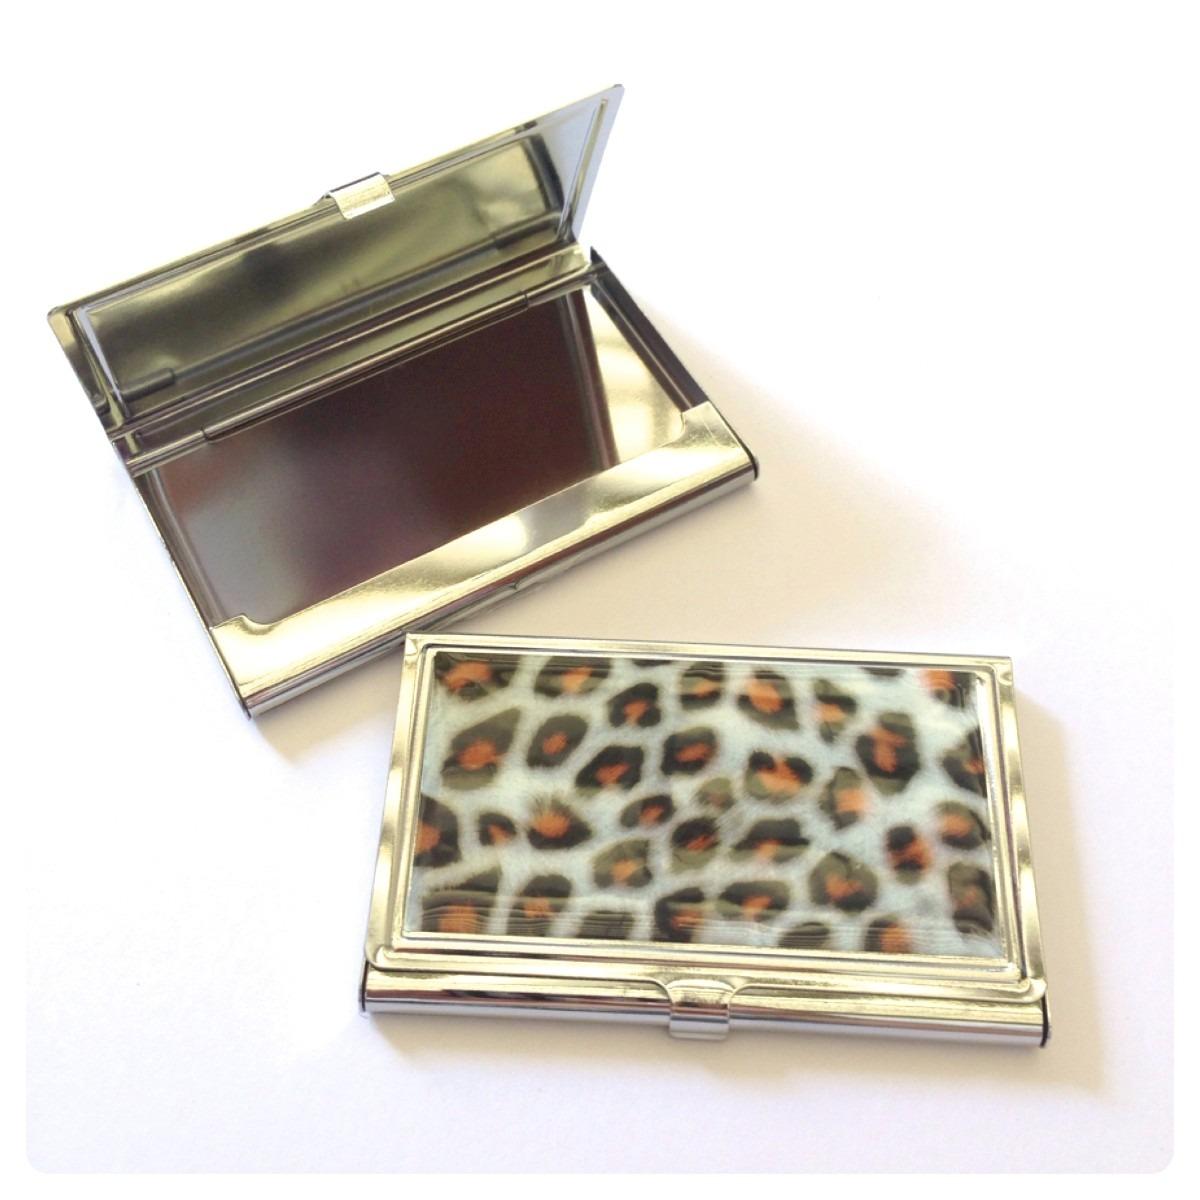 Porta Cartão De Visitas Crédito Oncinha Metal Pronta Entrega - R$ 12